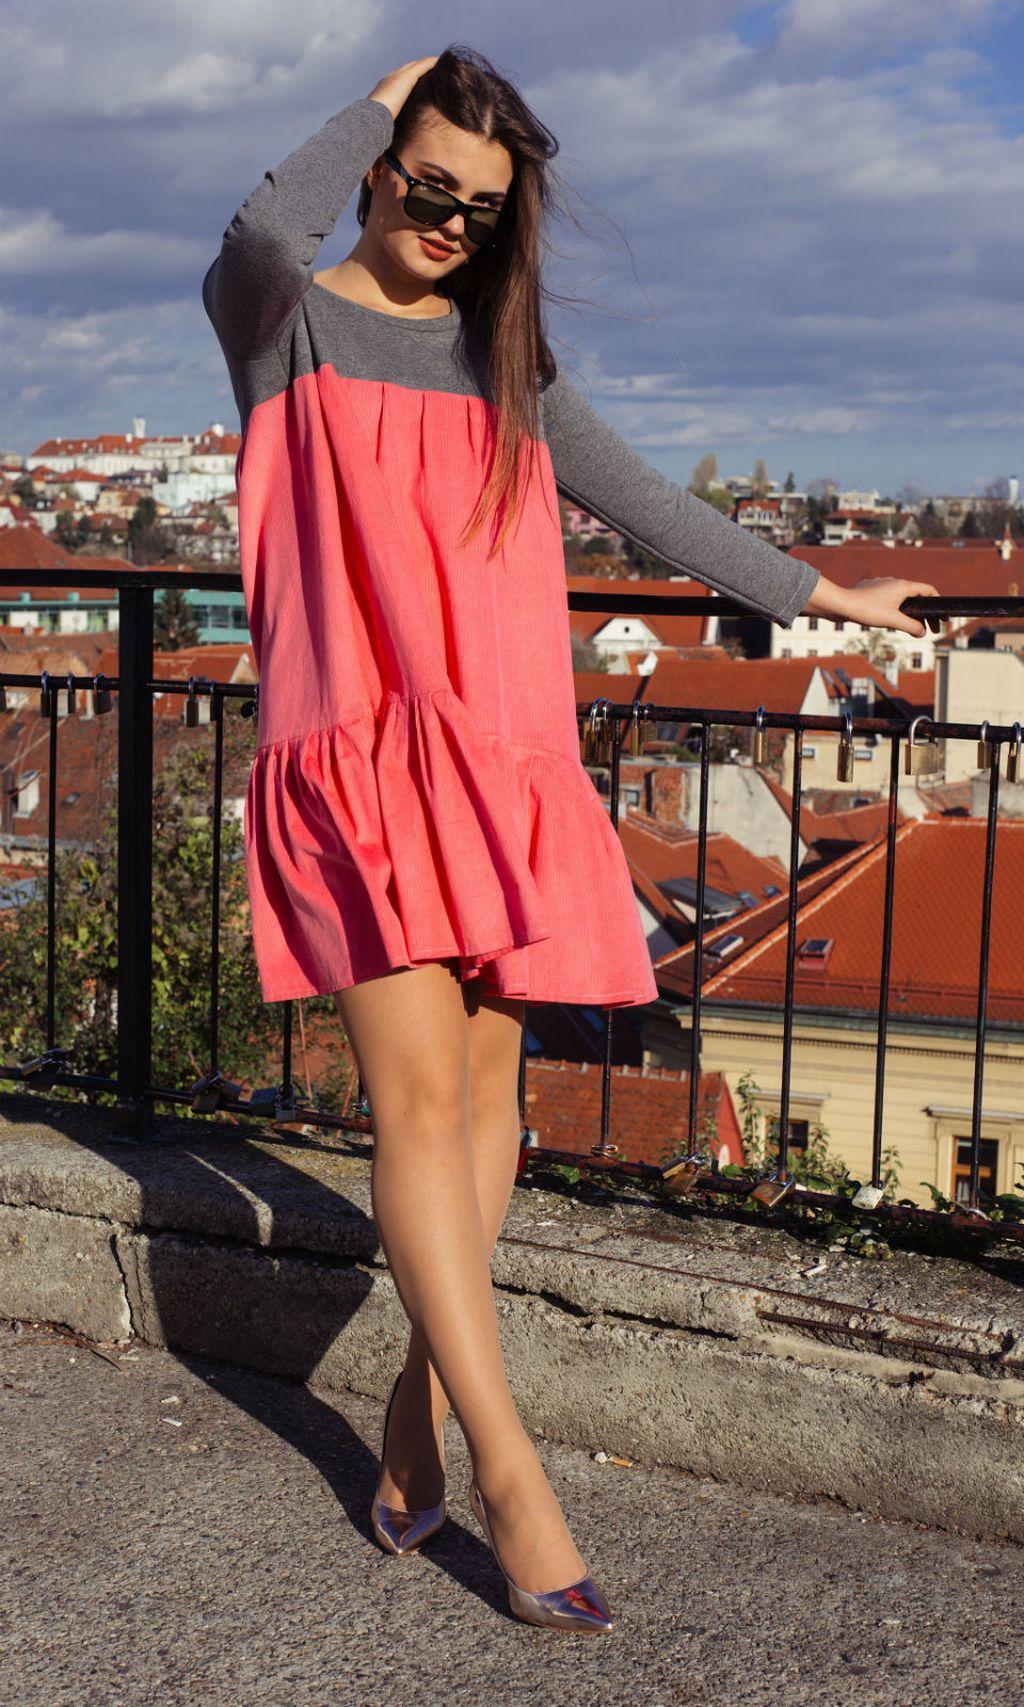 Nova kolekcija haljina domaćeg brenda Marburi - 12